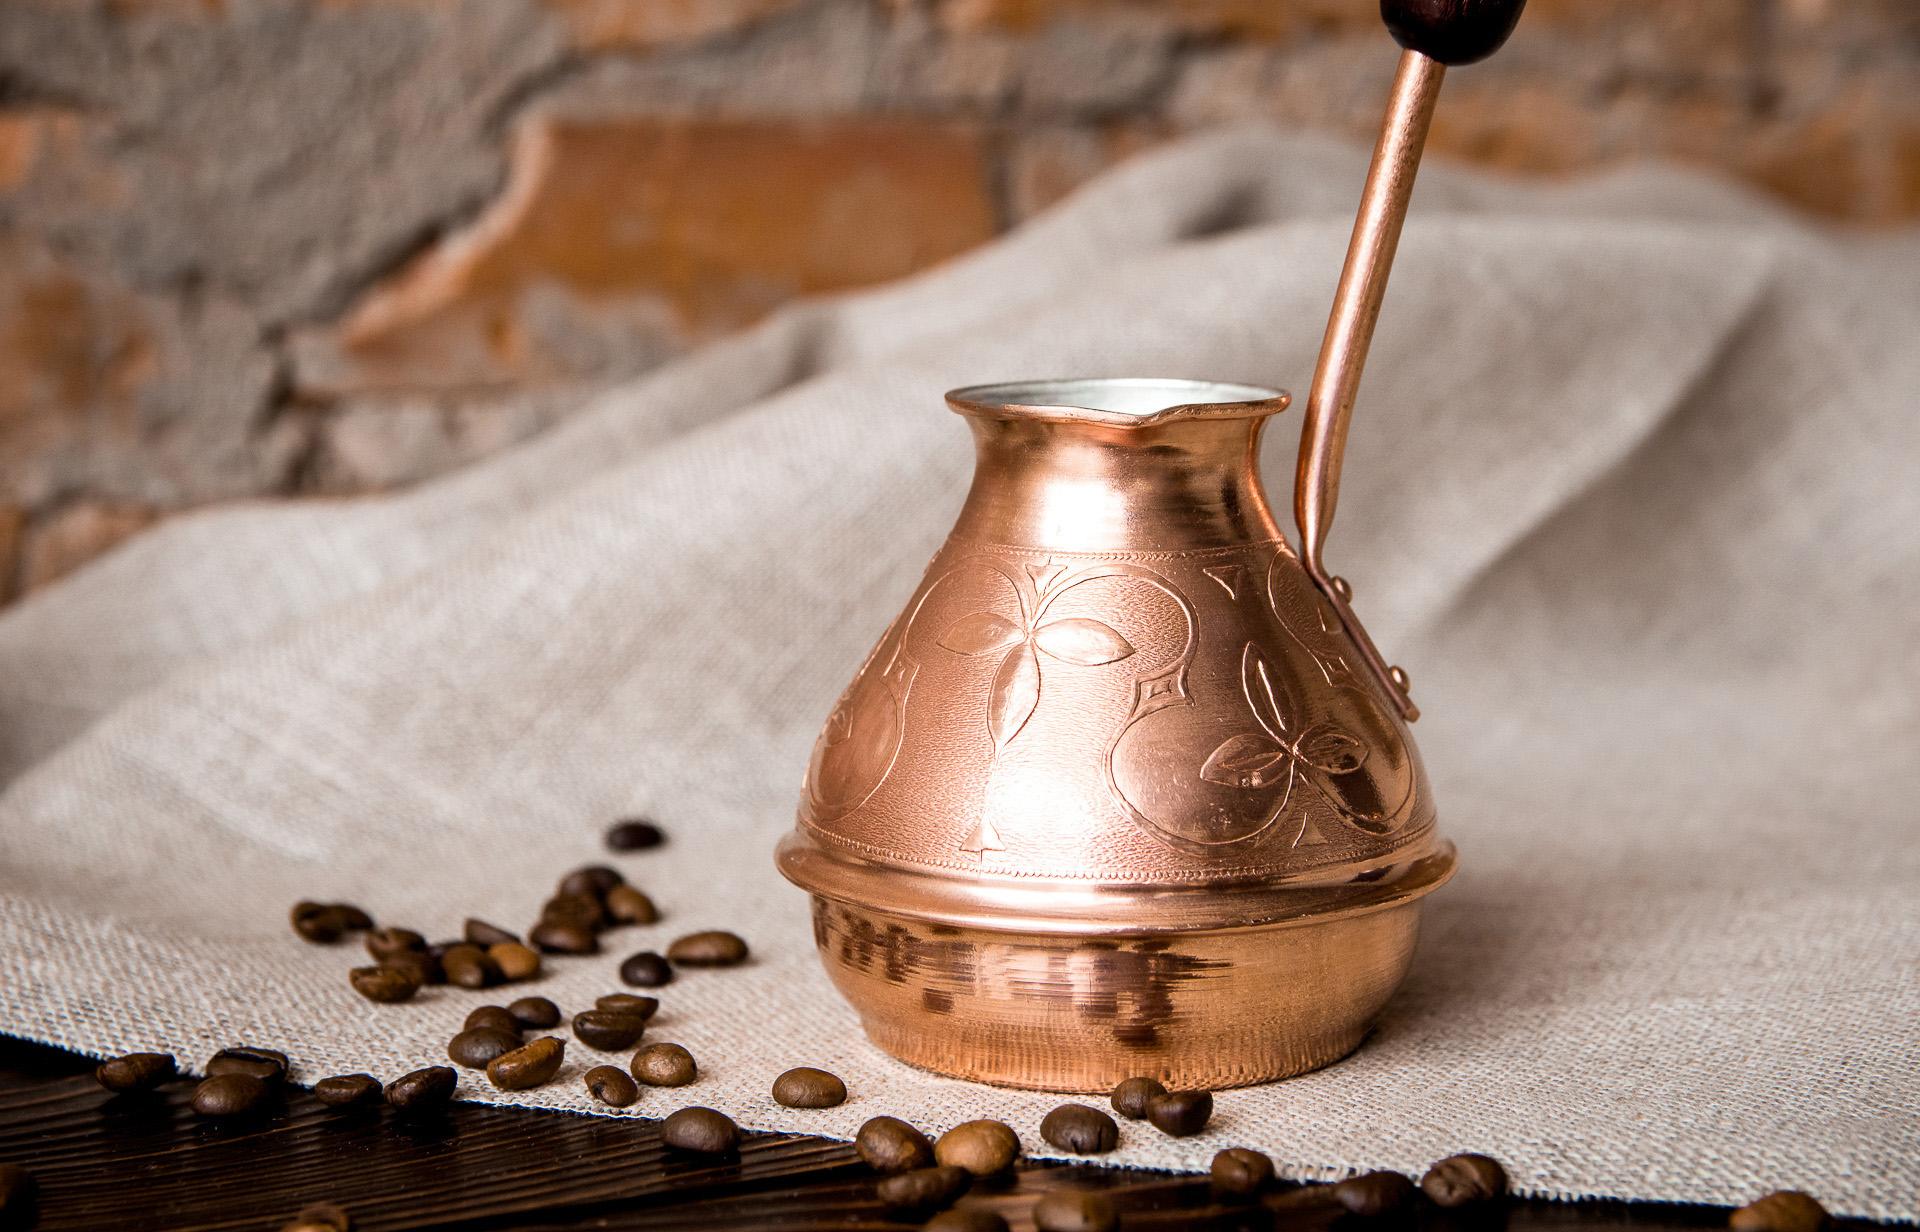 Напиток, который творит чудеса: что такое чай масала и как его правильно заваривать?